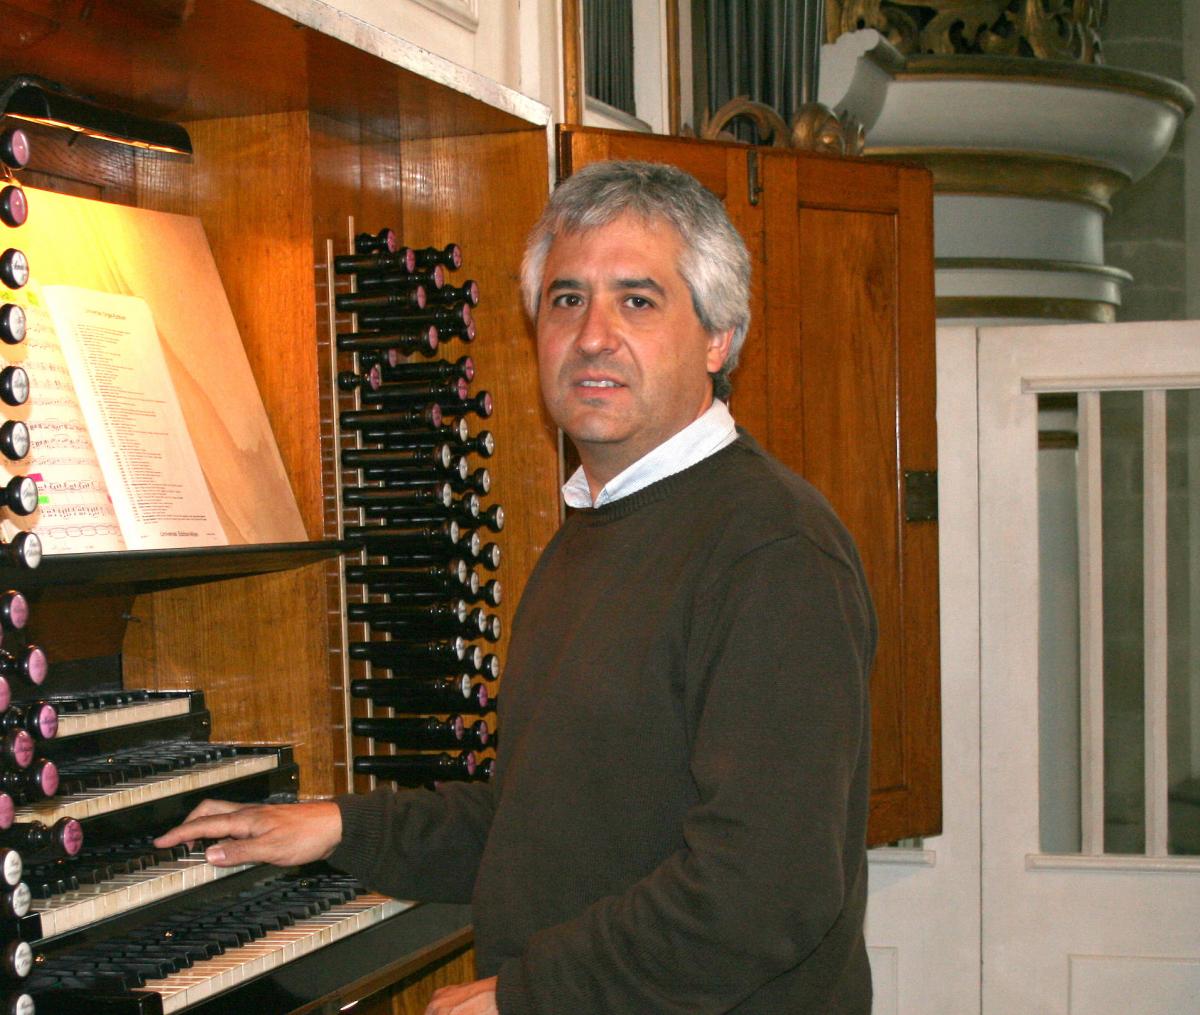 L'organiste Esteban Landart, musicien authentiquement «transfrontalier»